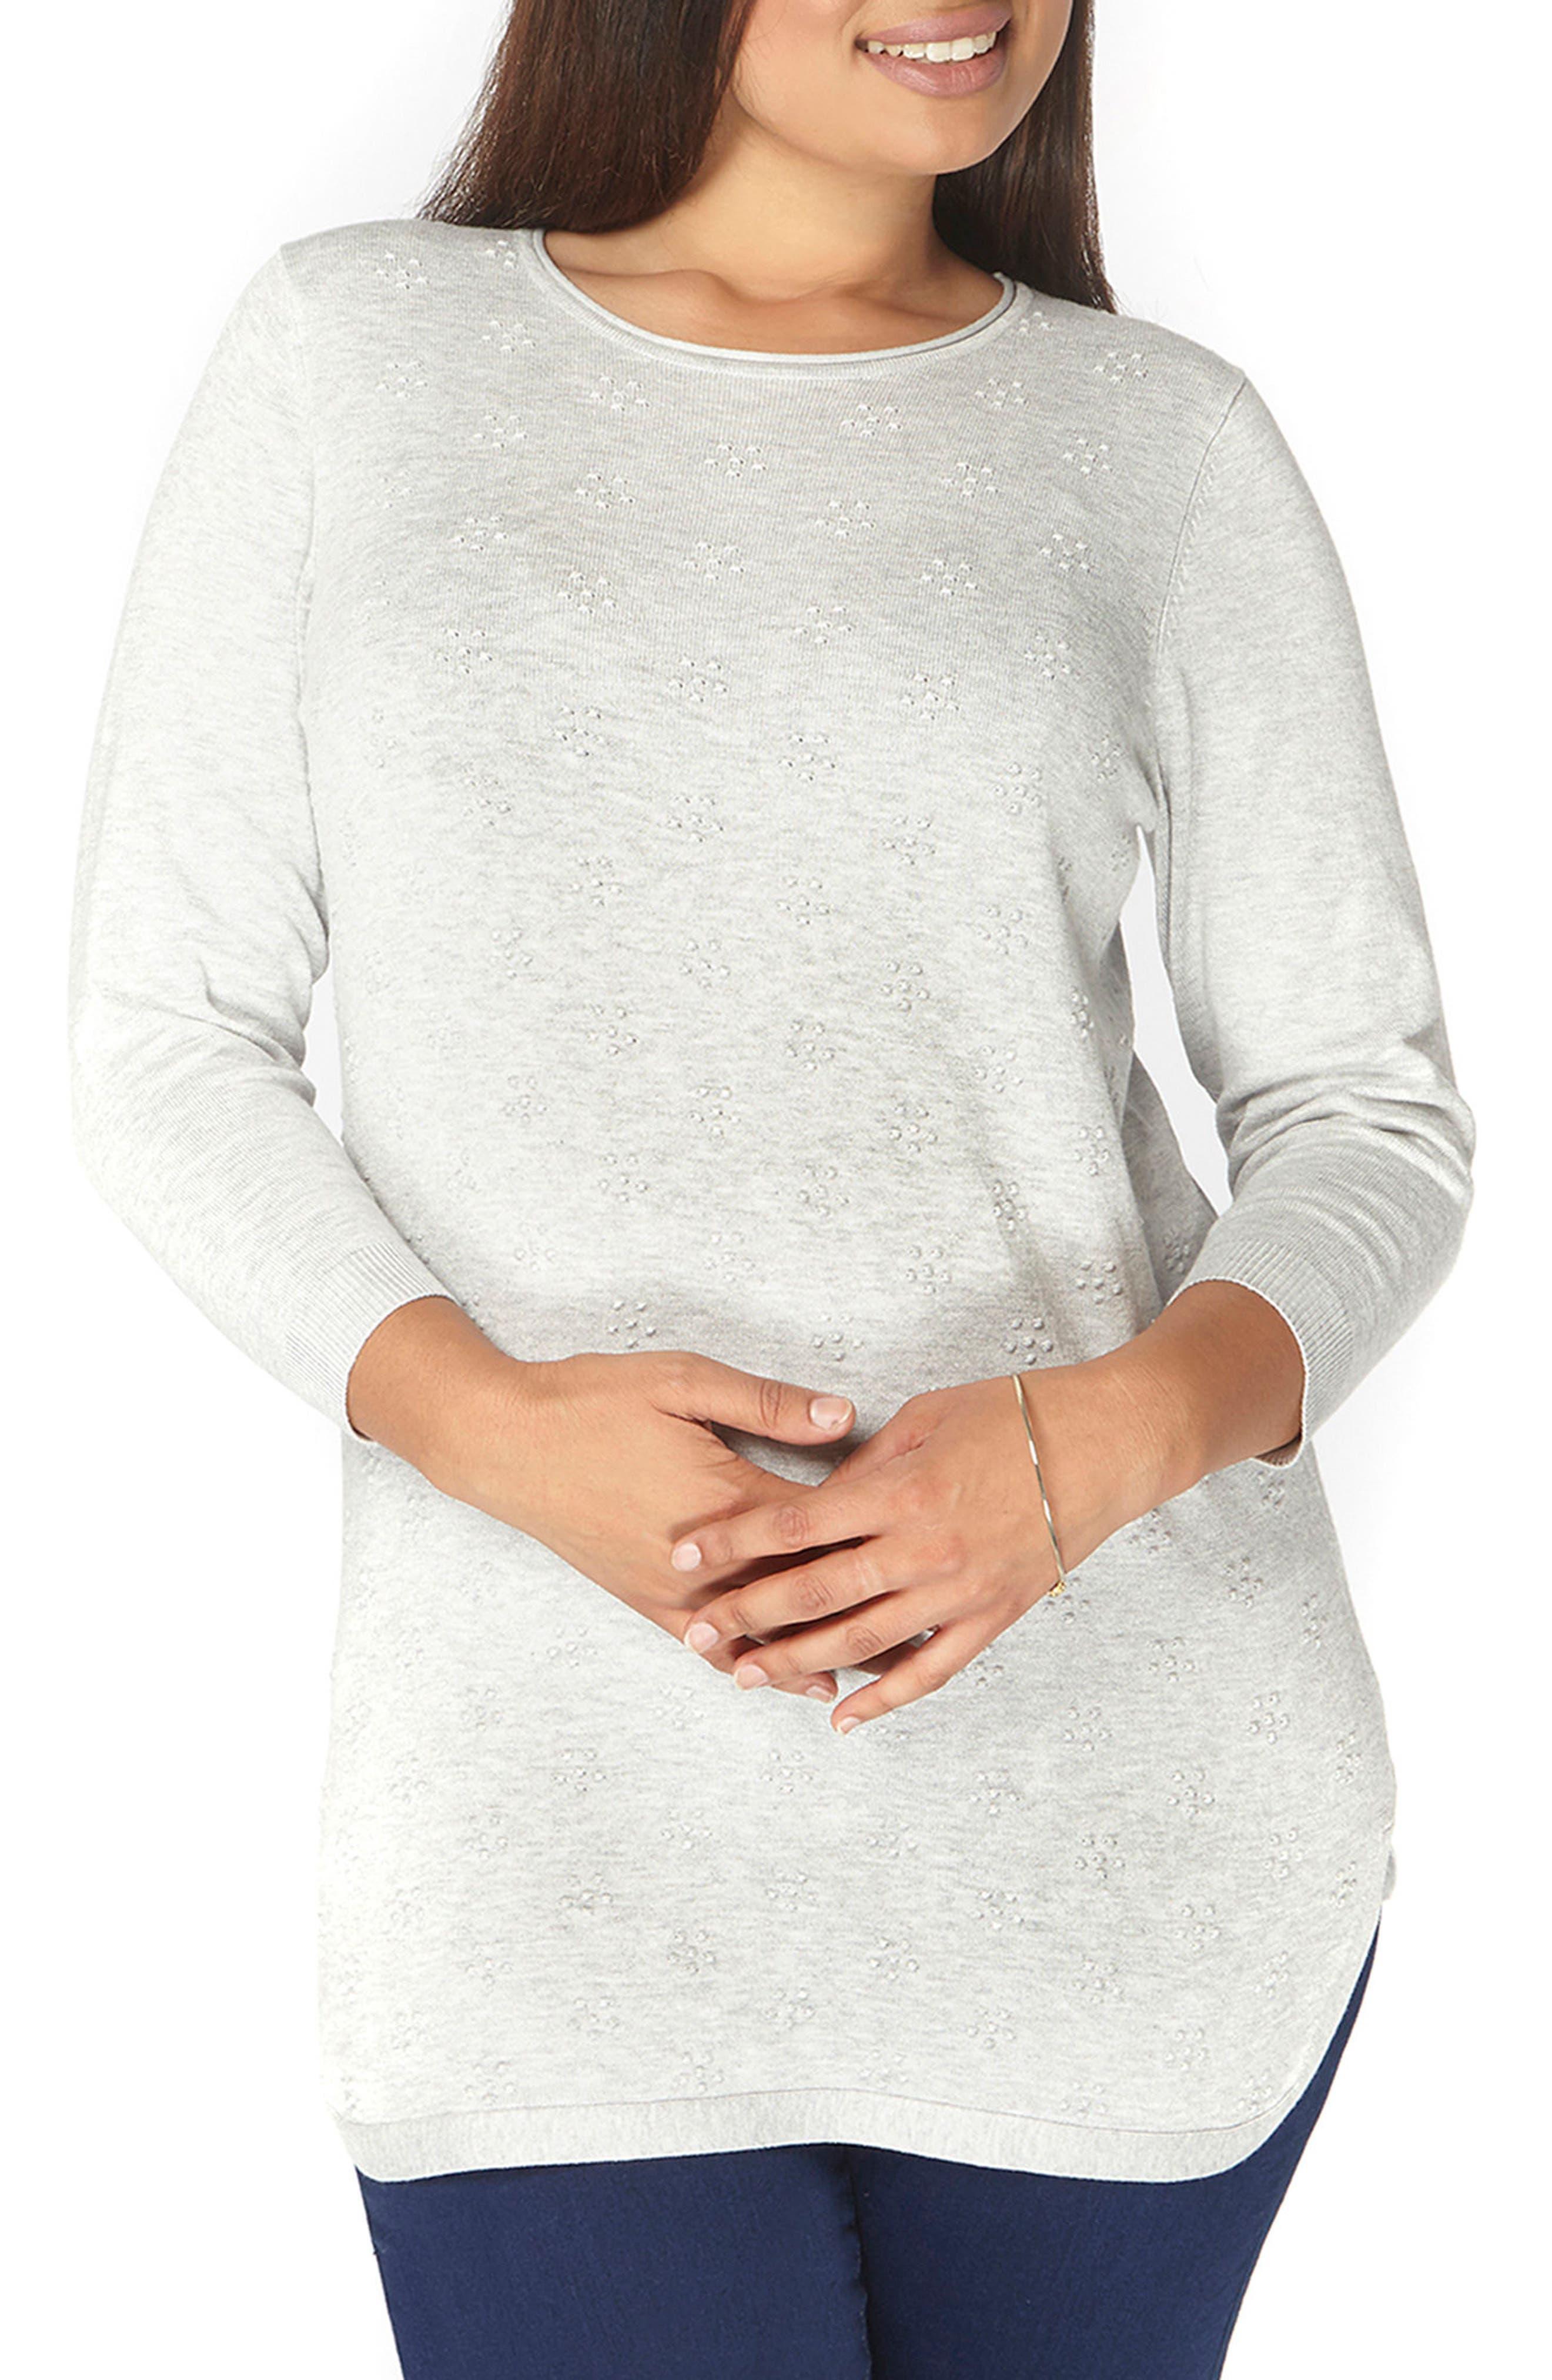 Dot Texture Sweater,                         Main,                         color, Grey